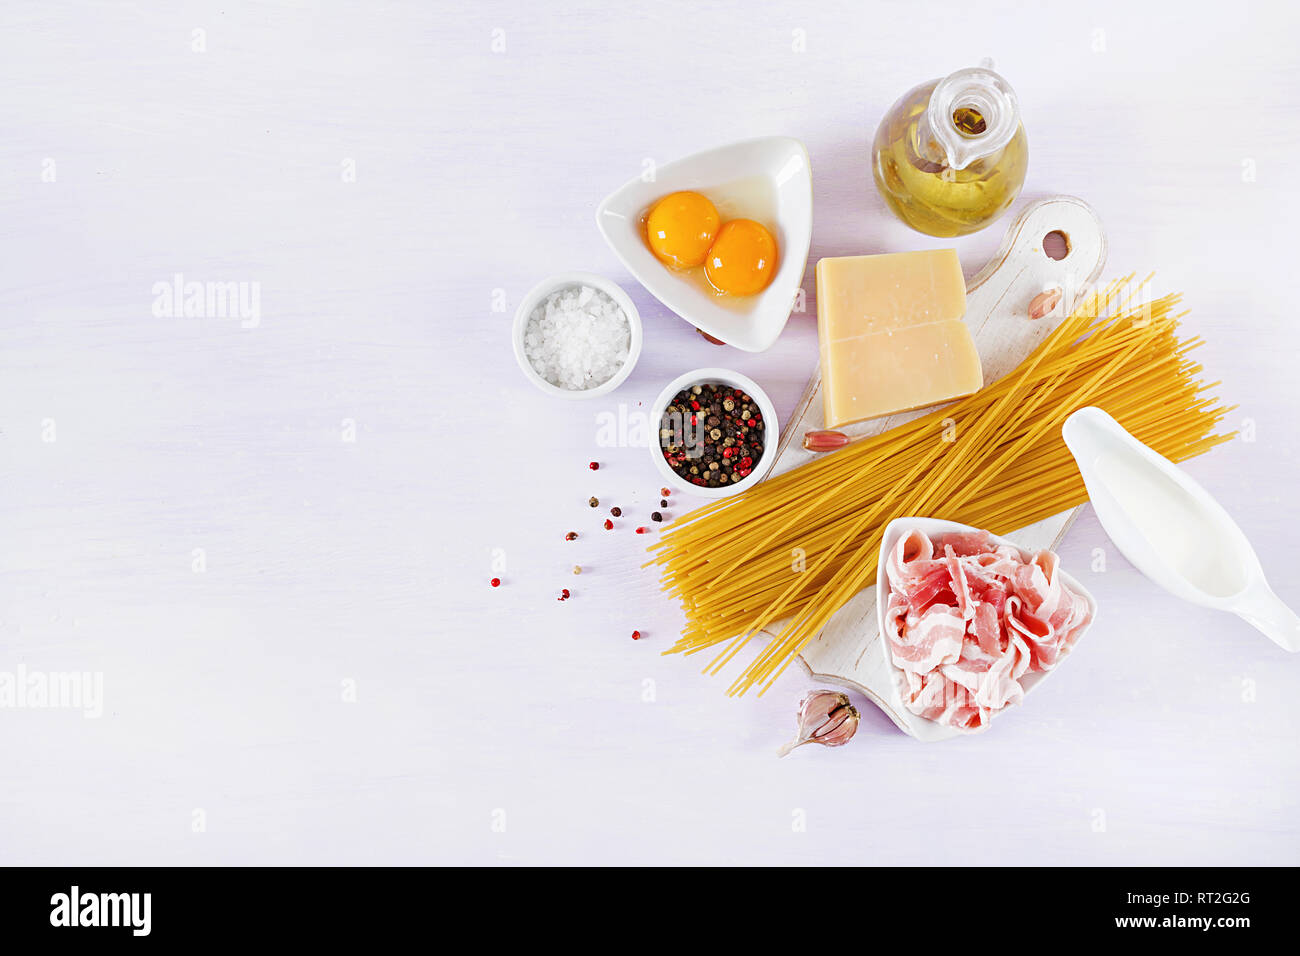 Ingrédients pour la cuisson des pâtes Carbonara, spaghetti à la pancetta, oeuf, poivrons, le sel et le parmesan. La cuisine italienne. Pasta alla carbonara. Banque D'Images